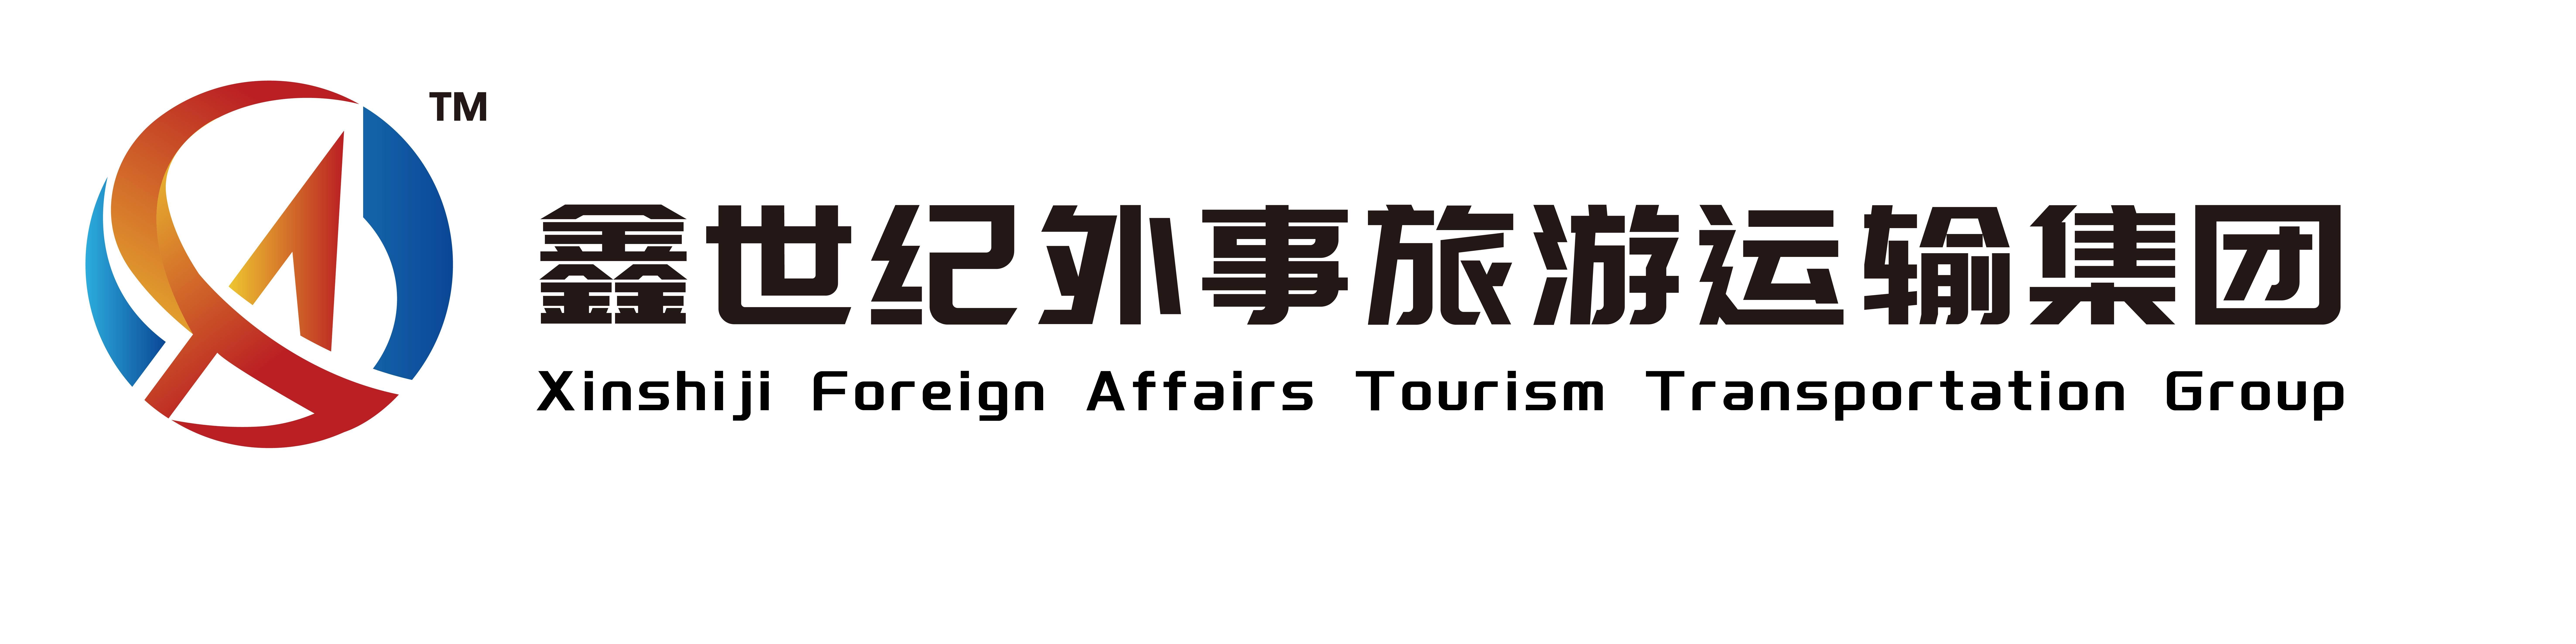 江苏鑫世纪外事旅游运输集团有限公司